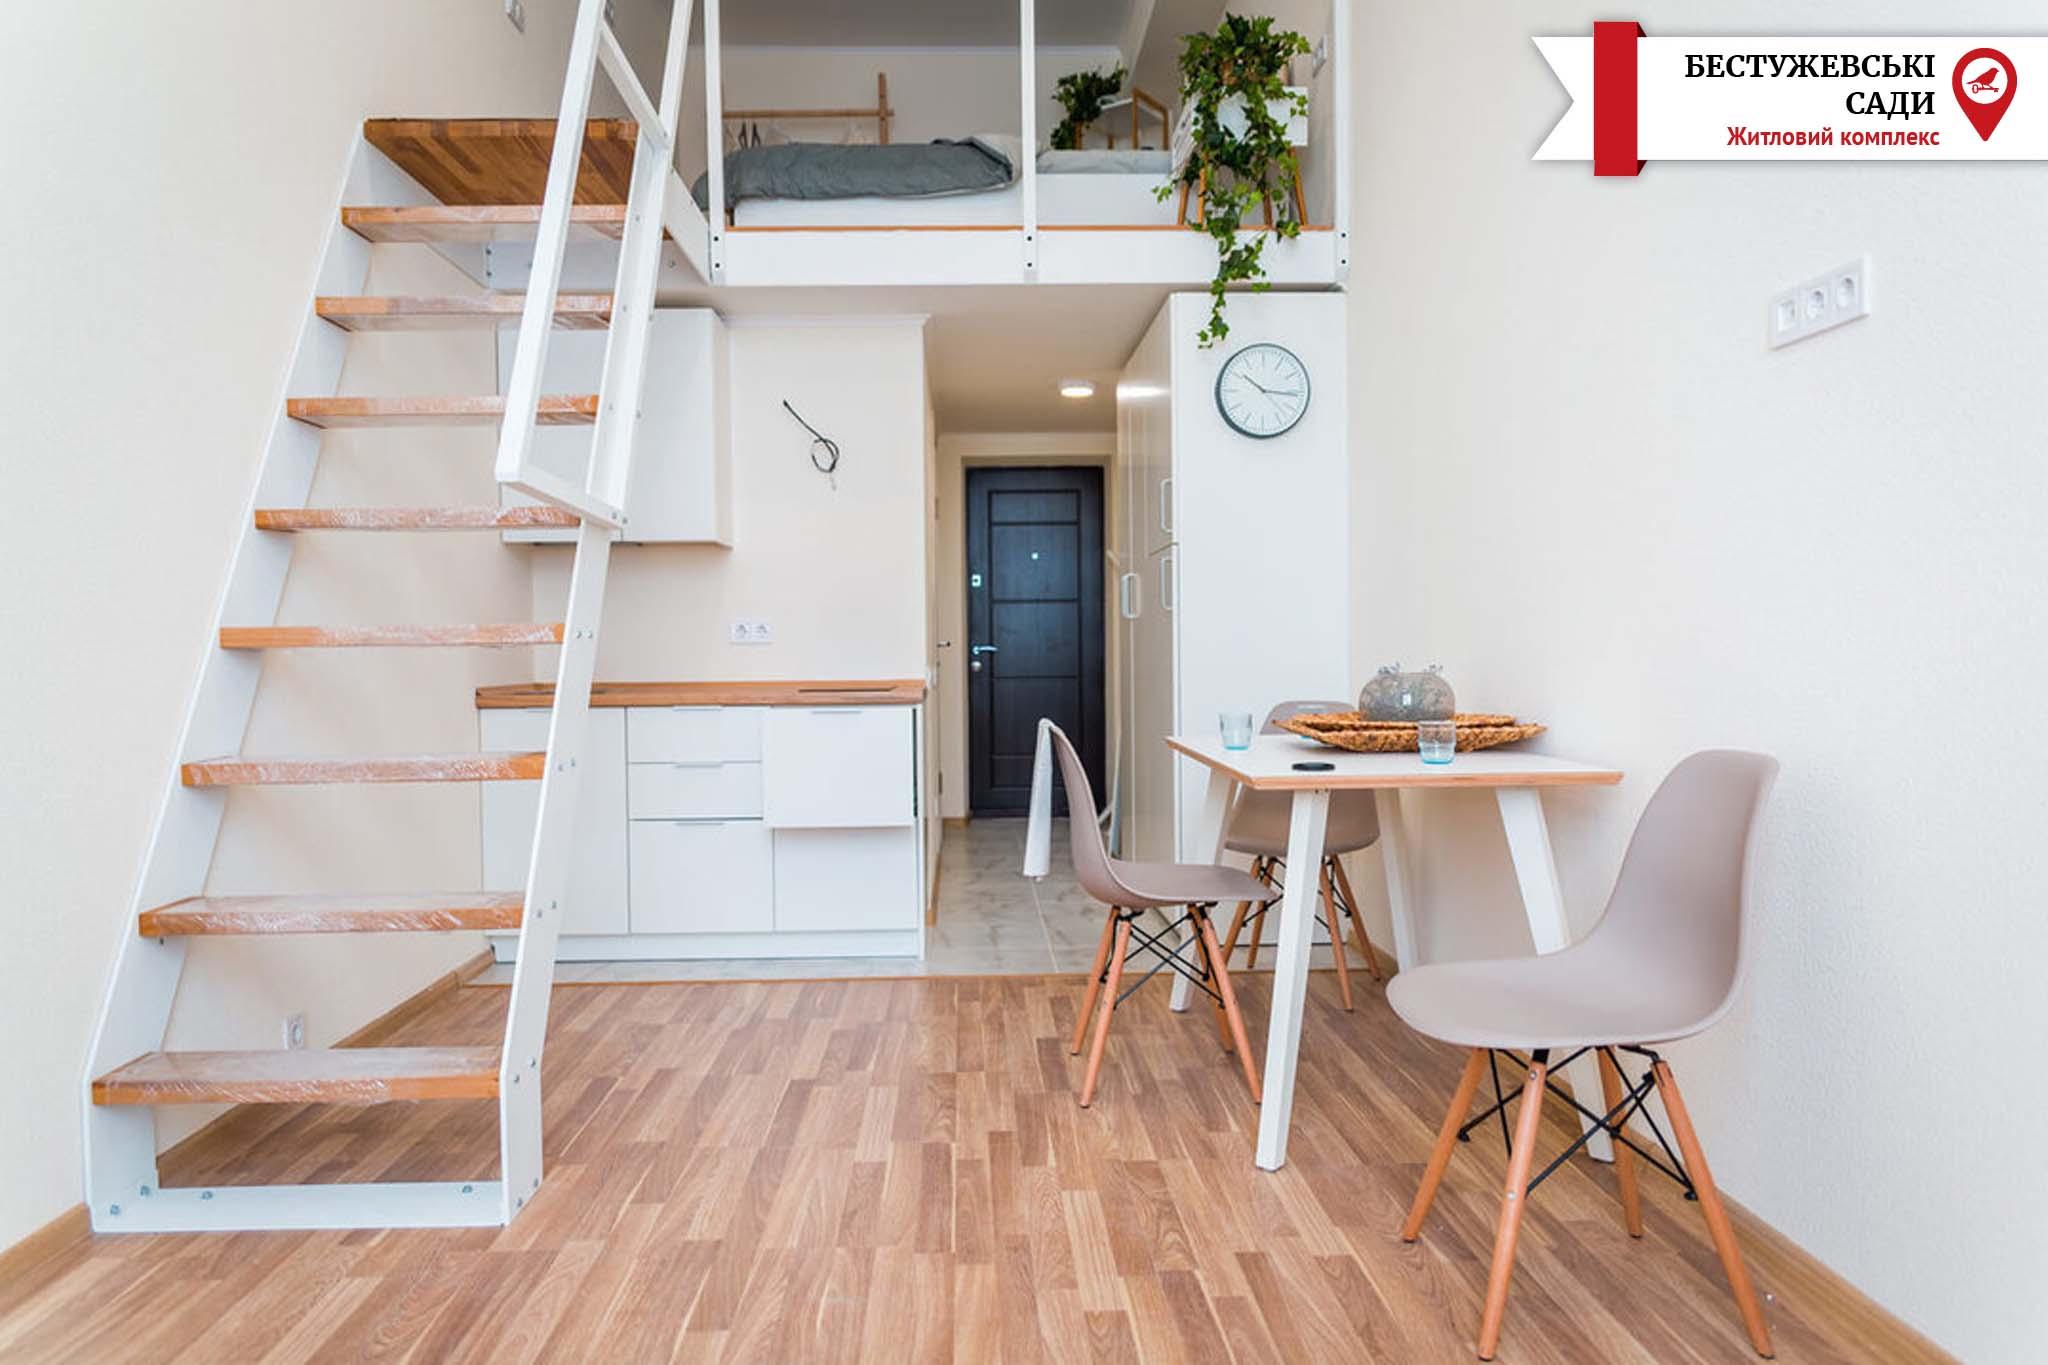 Як визначити не функціональні меблі у себе в квартирі?